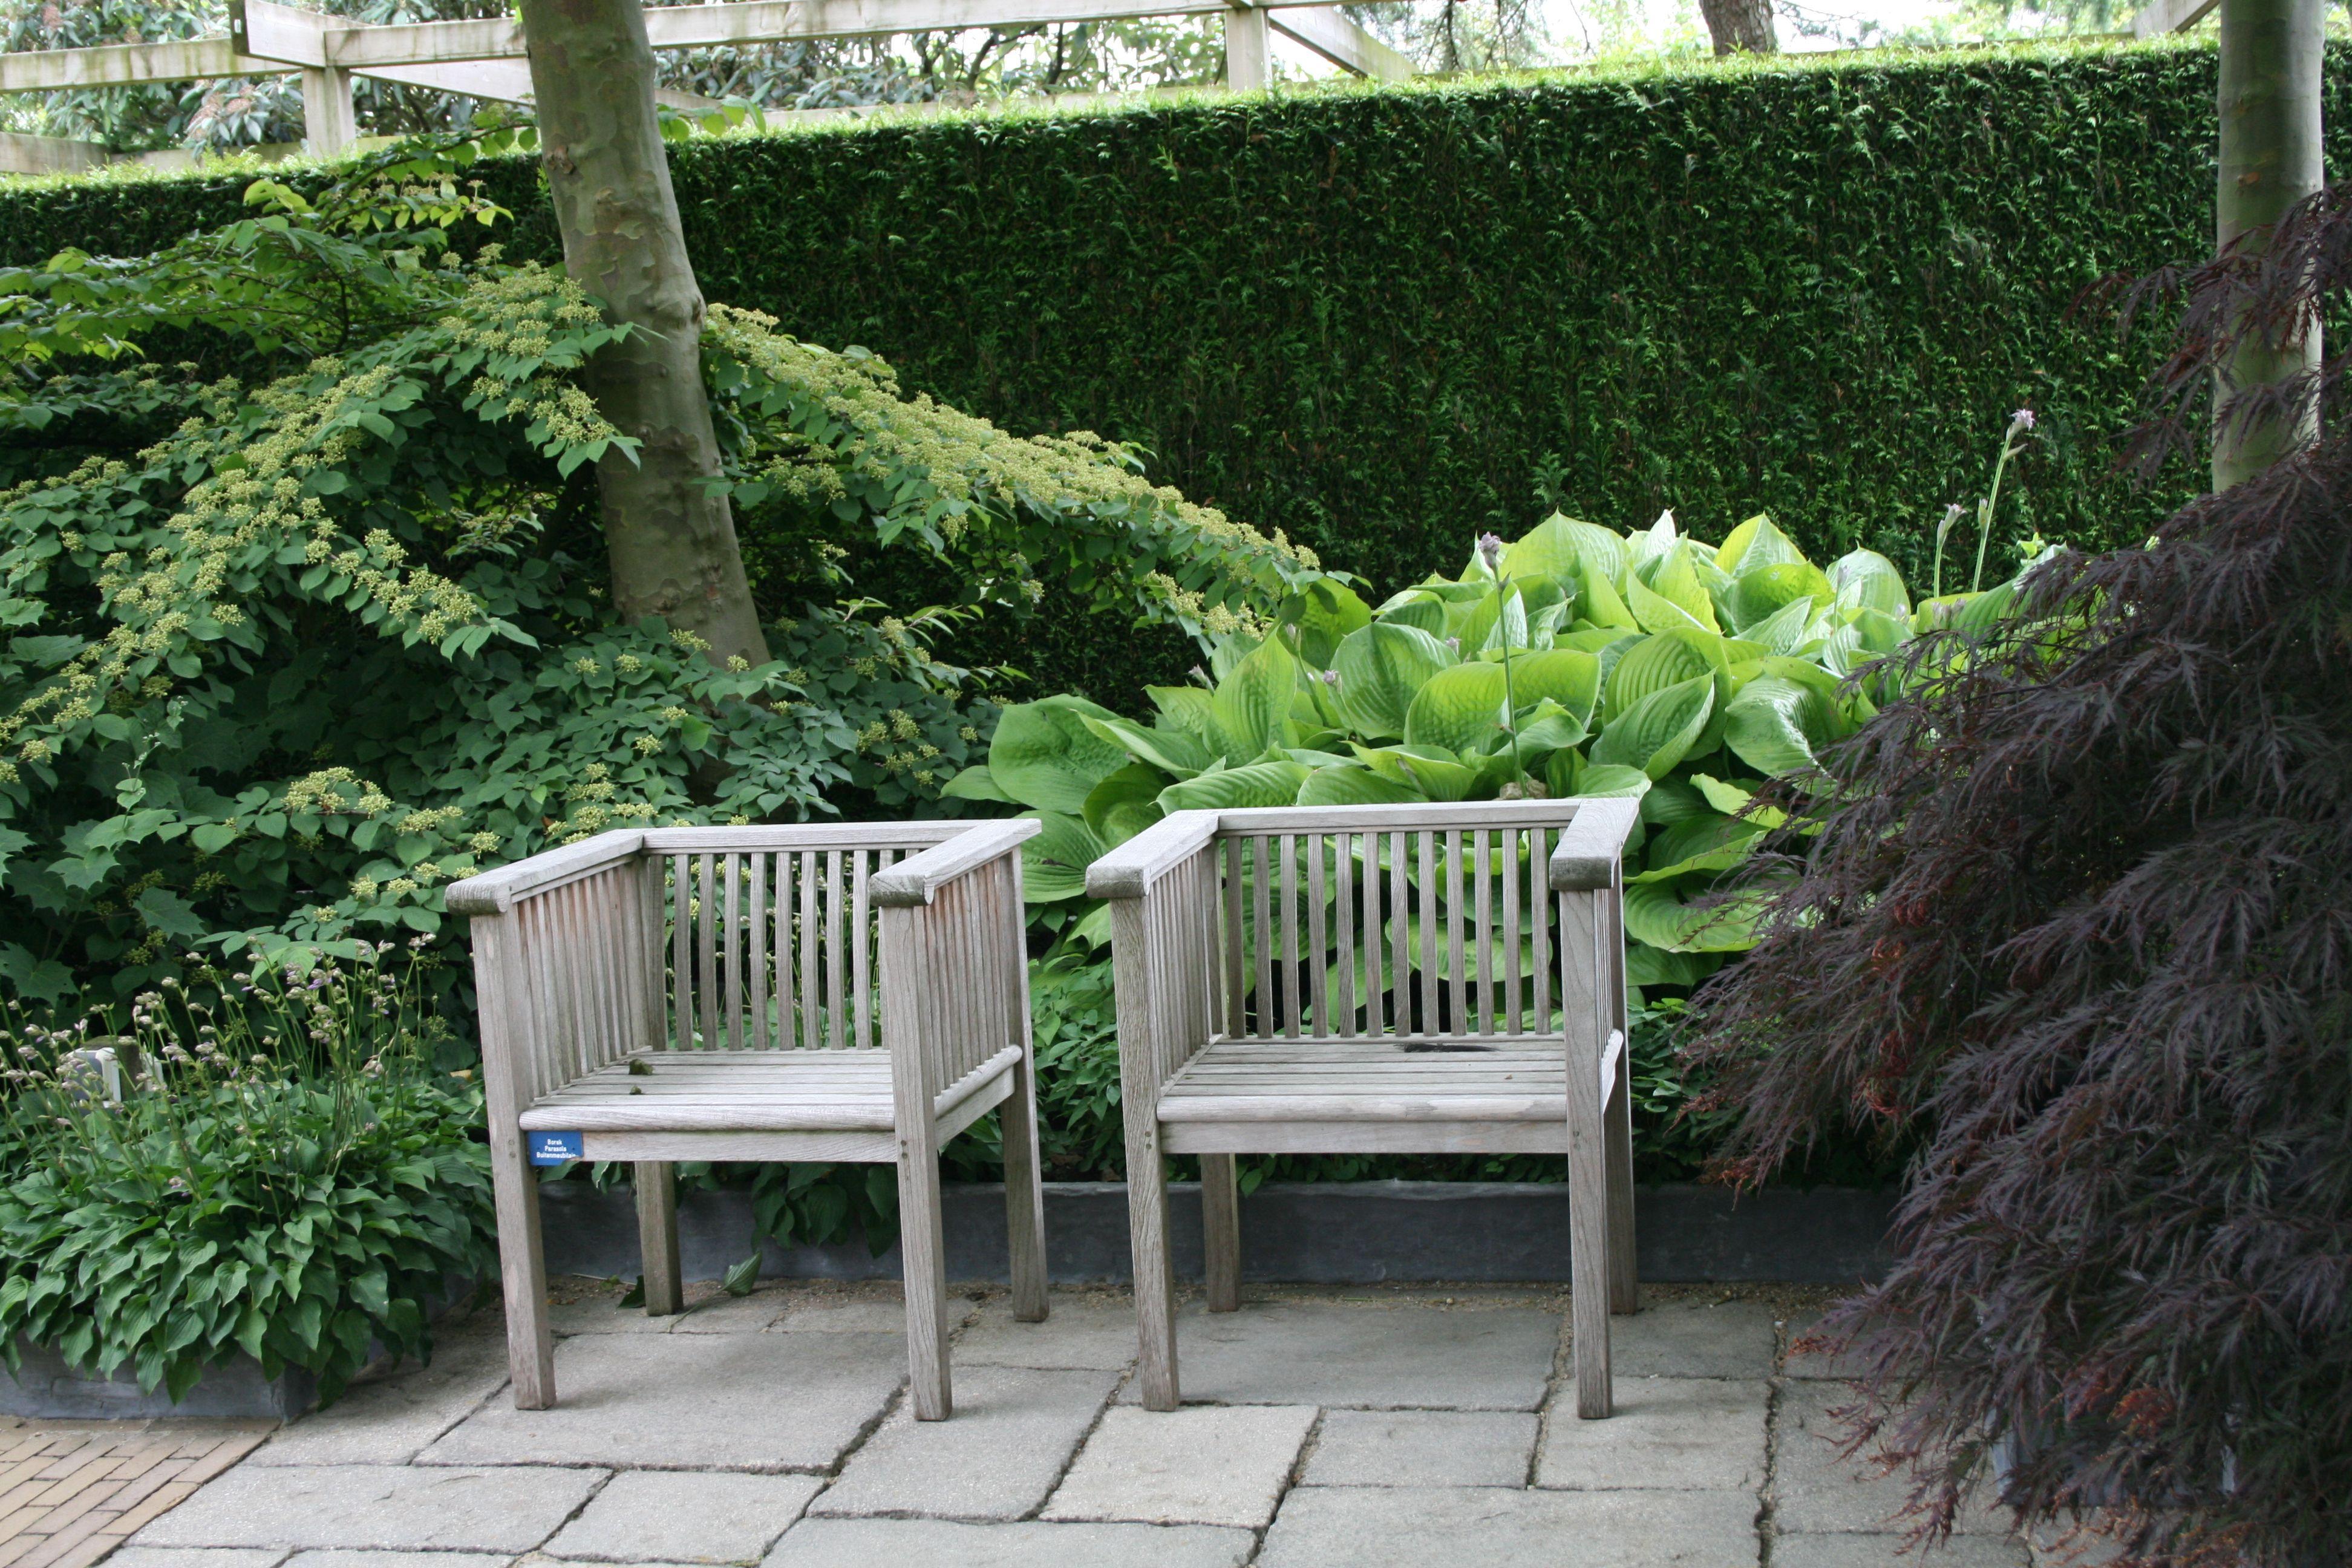 Sitzplätze Im Garten gartenreise sitzplätze im garten hostas ahorn hecke